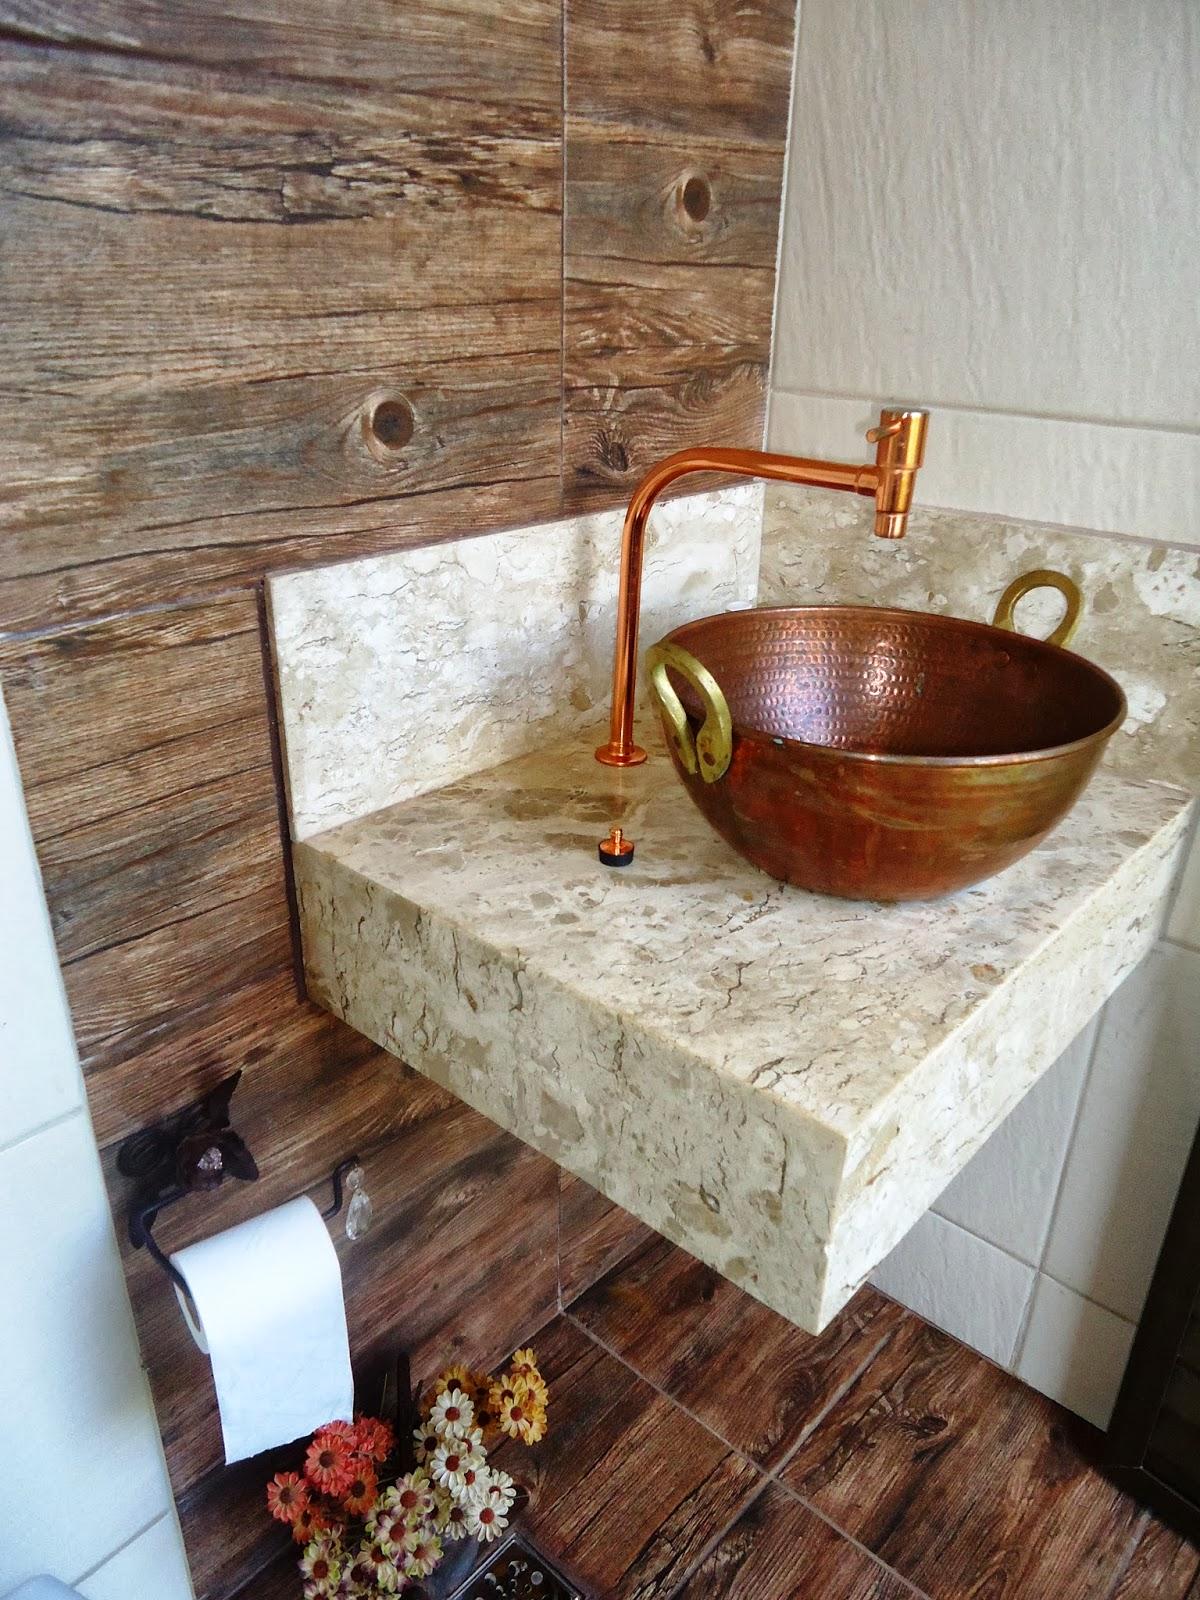 Projetos específicos: banheiros rústicos Decor Lovers #9C5F2F 1200x1600 Banheiro Com Porcelanato De Madeira